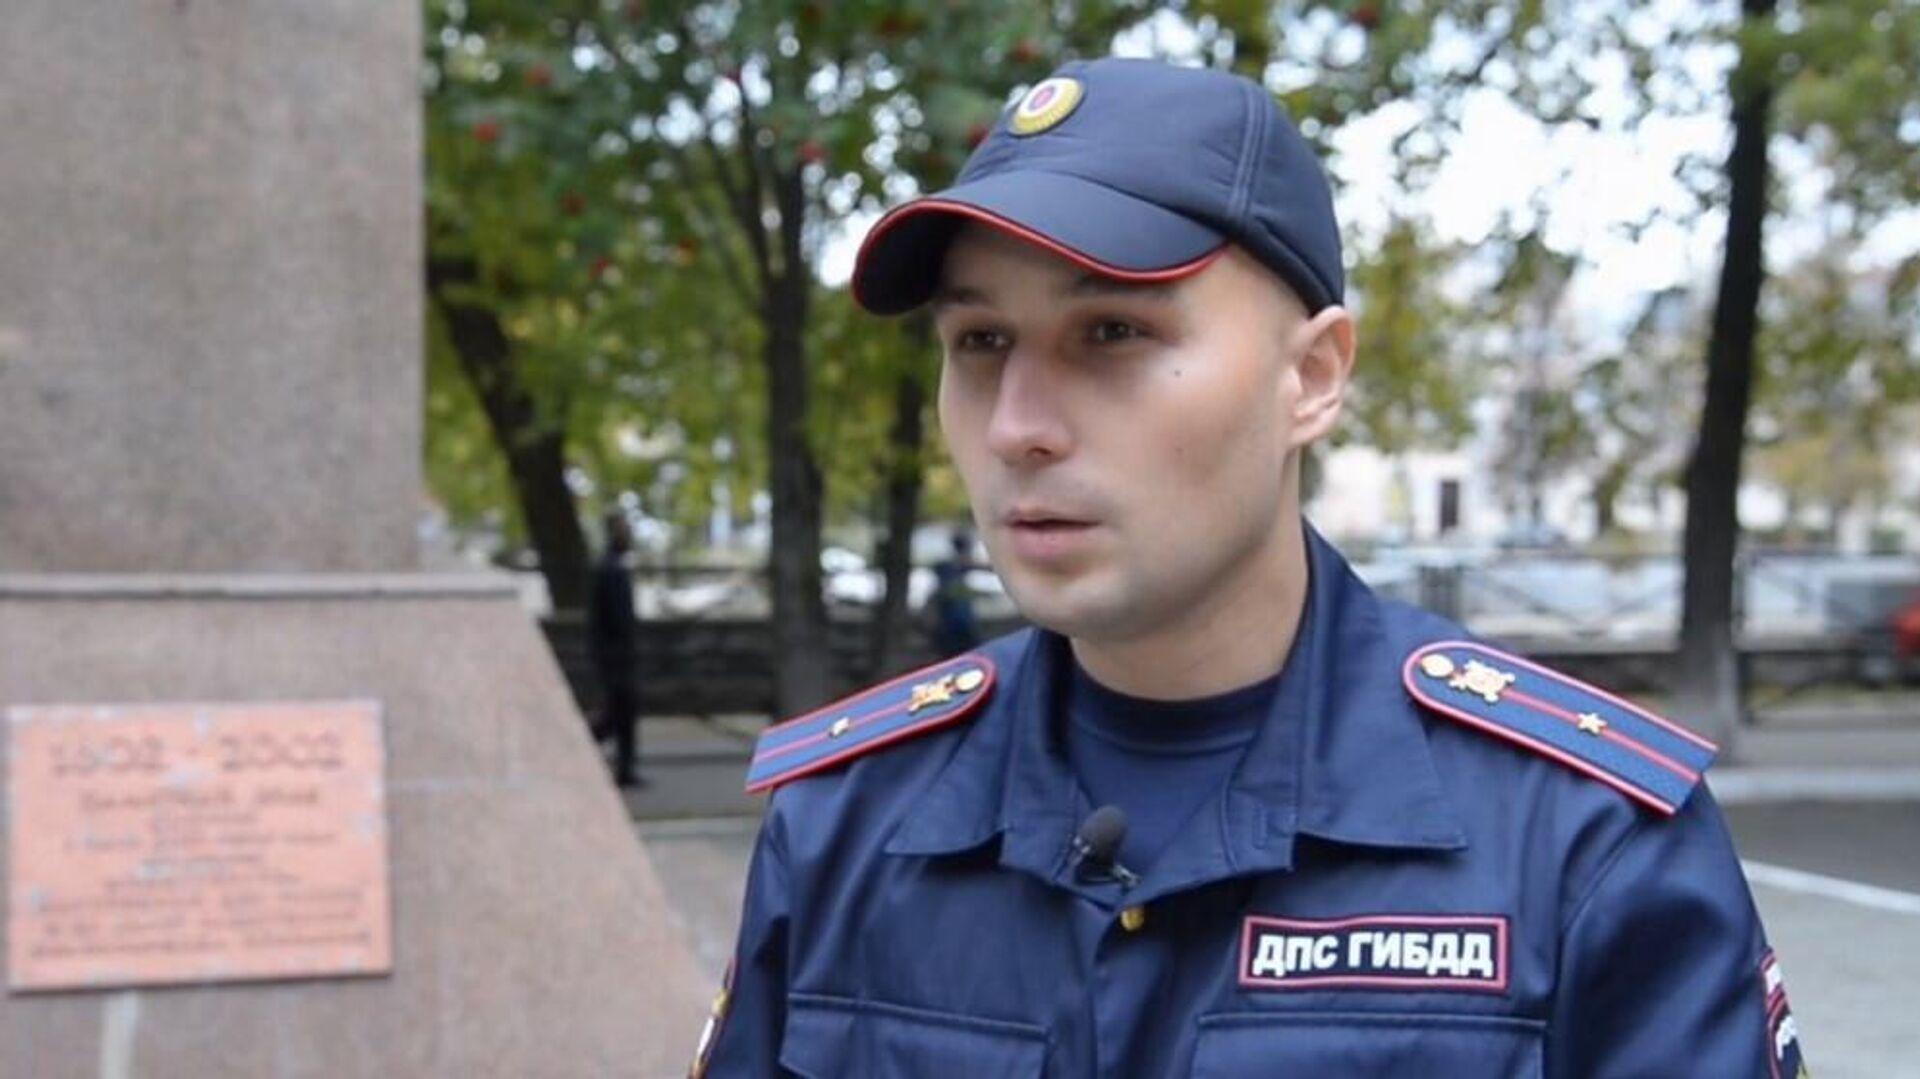 Младший лейтенант Константин Калинин - Sputnik Беларусь, 1920, 22.09.2021